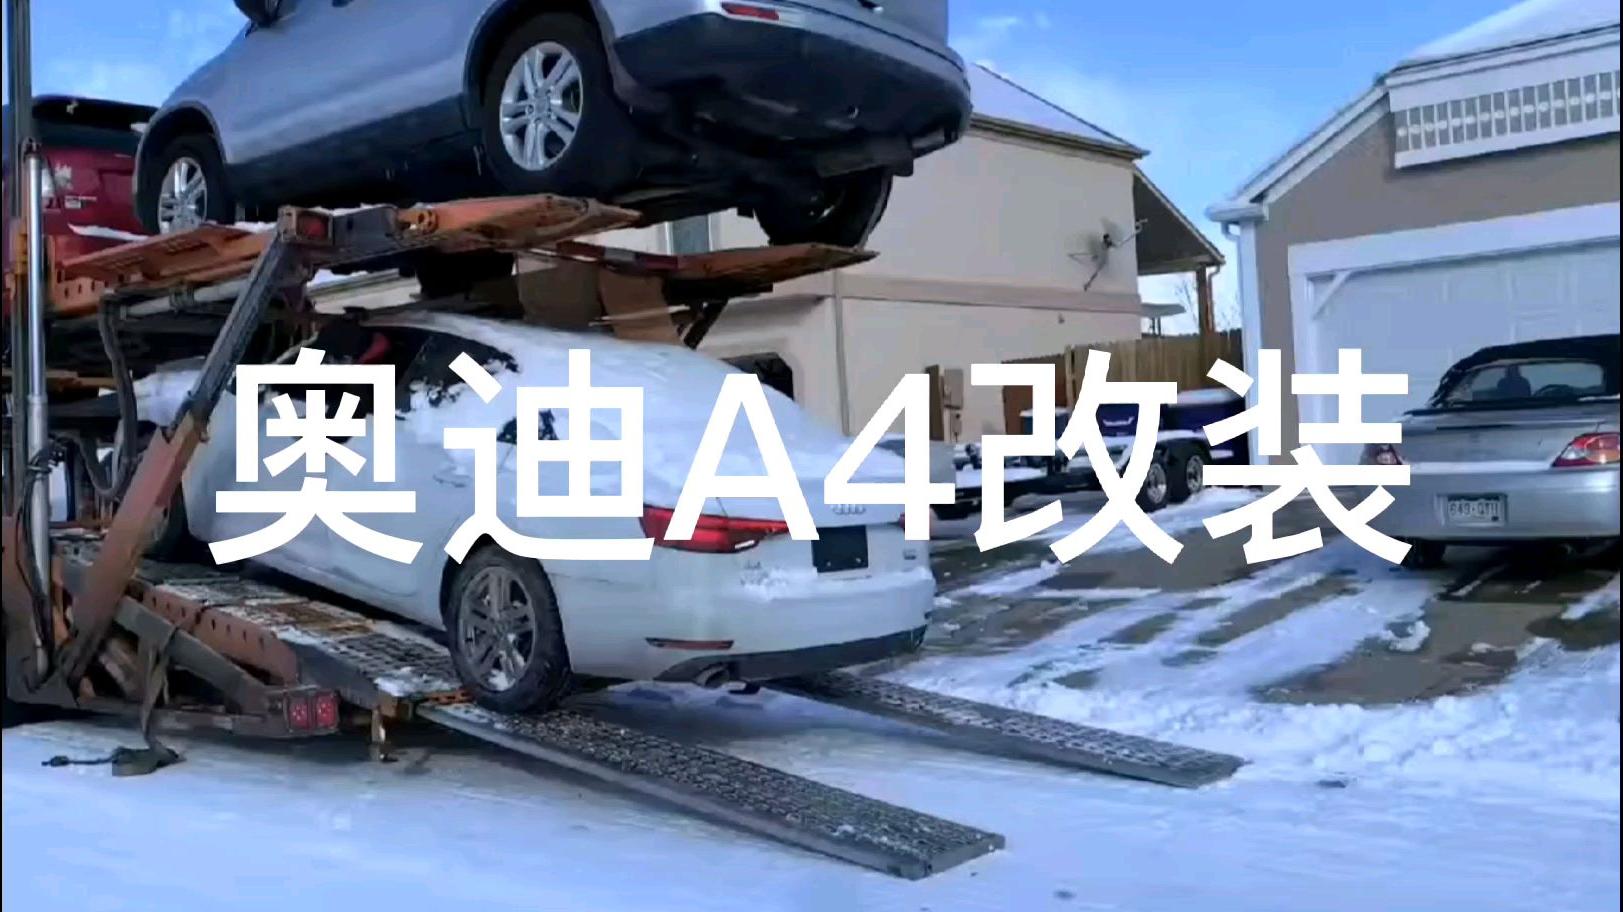 外国小哥改装自己的奥迪A4,改完效果太赞了。你的车都改了什么?